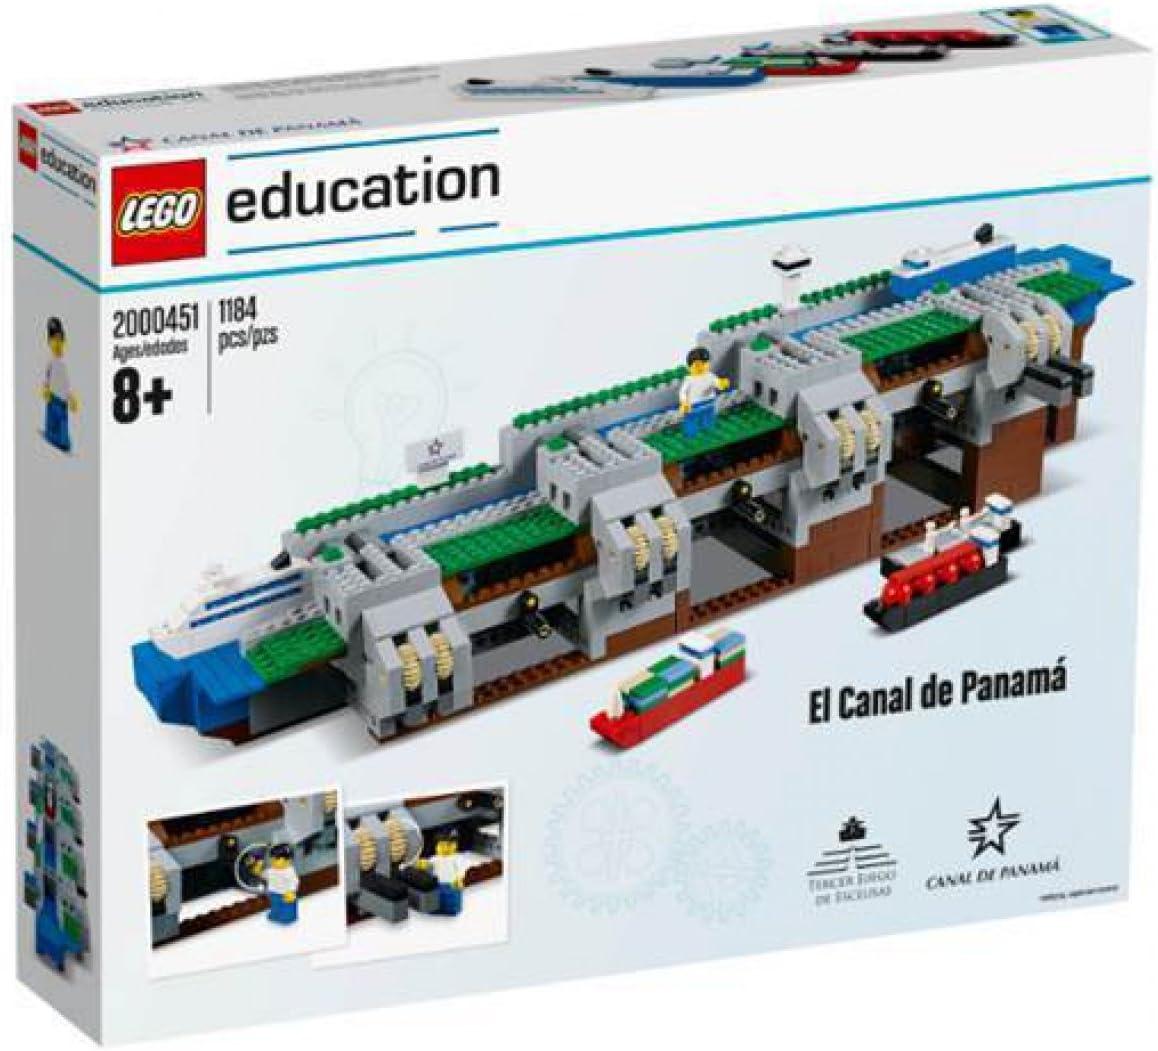 Lego Education Panama Canal Set 2000451